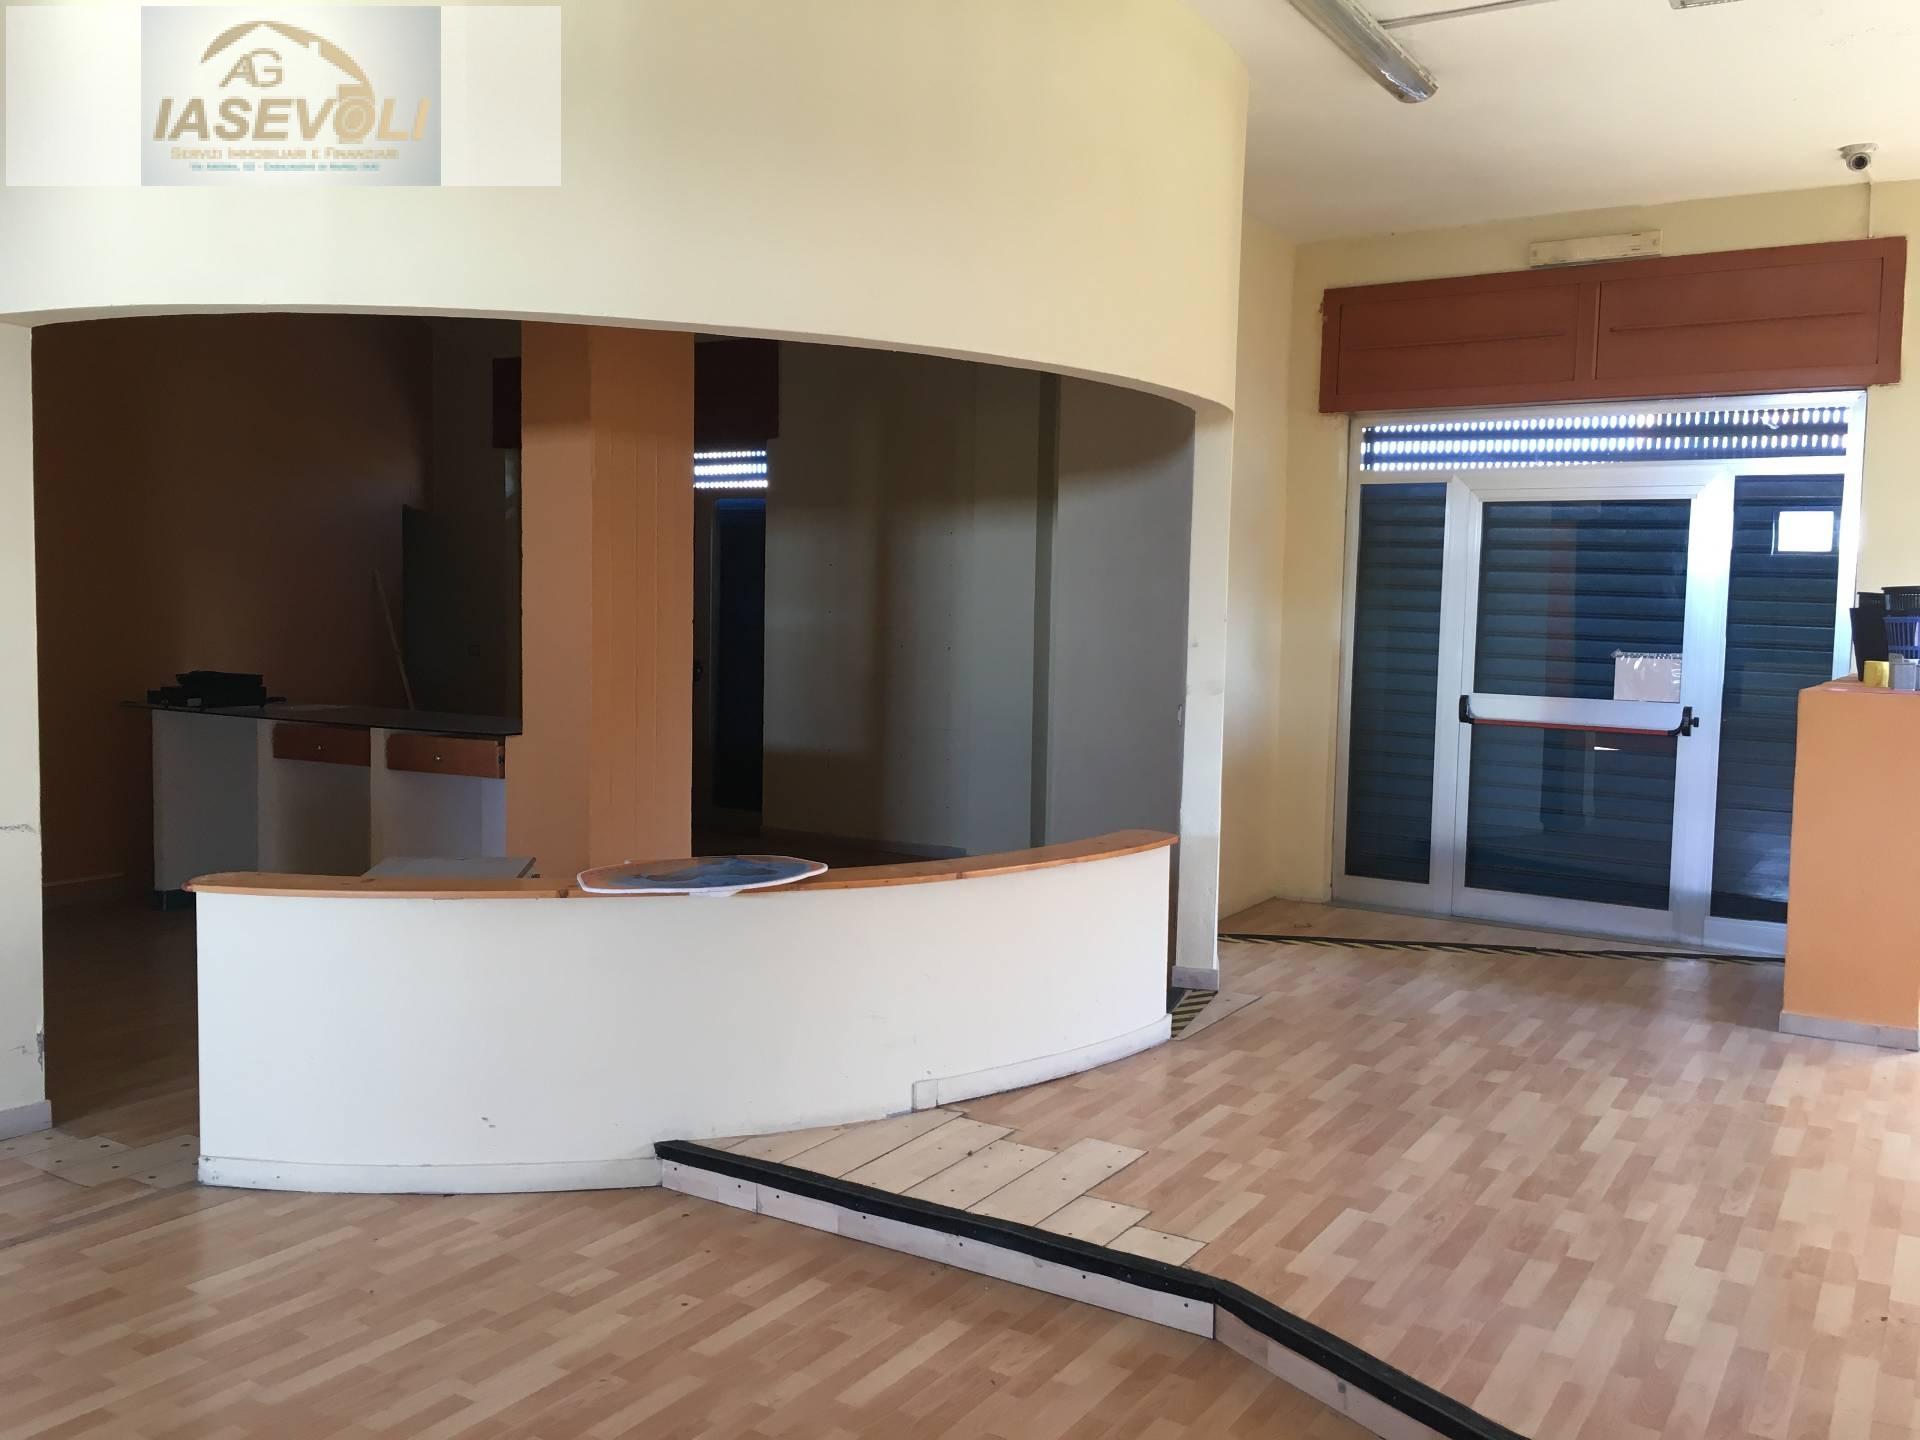 Attività / Licenza in affitto a Casalnuovo di Napoli, 9999 locali, zona Zona: Tavernanova, prezzo € 1.650 | Cambio Casa.it